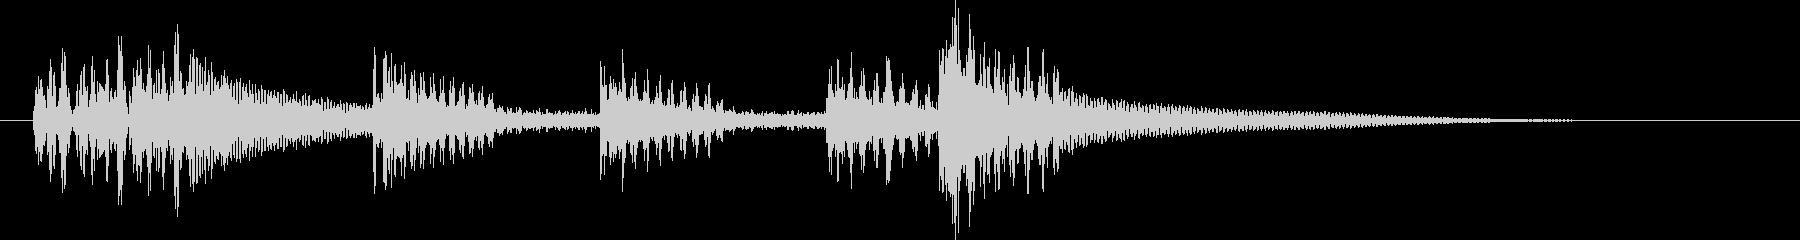 和風クリック音ゲームオーバージングルミスの未再生の波形